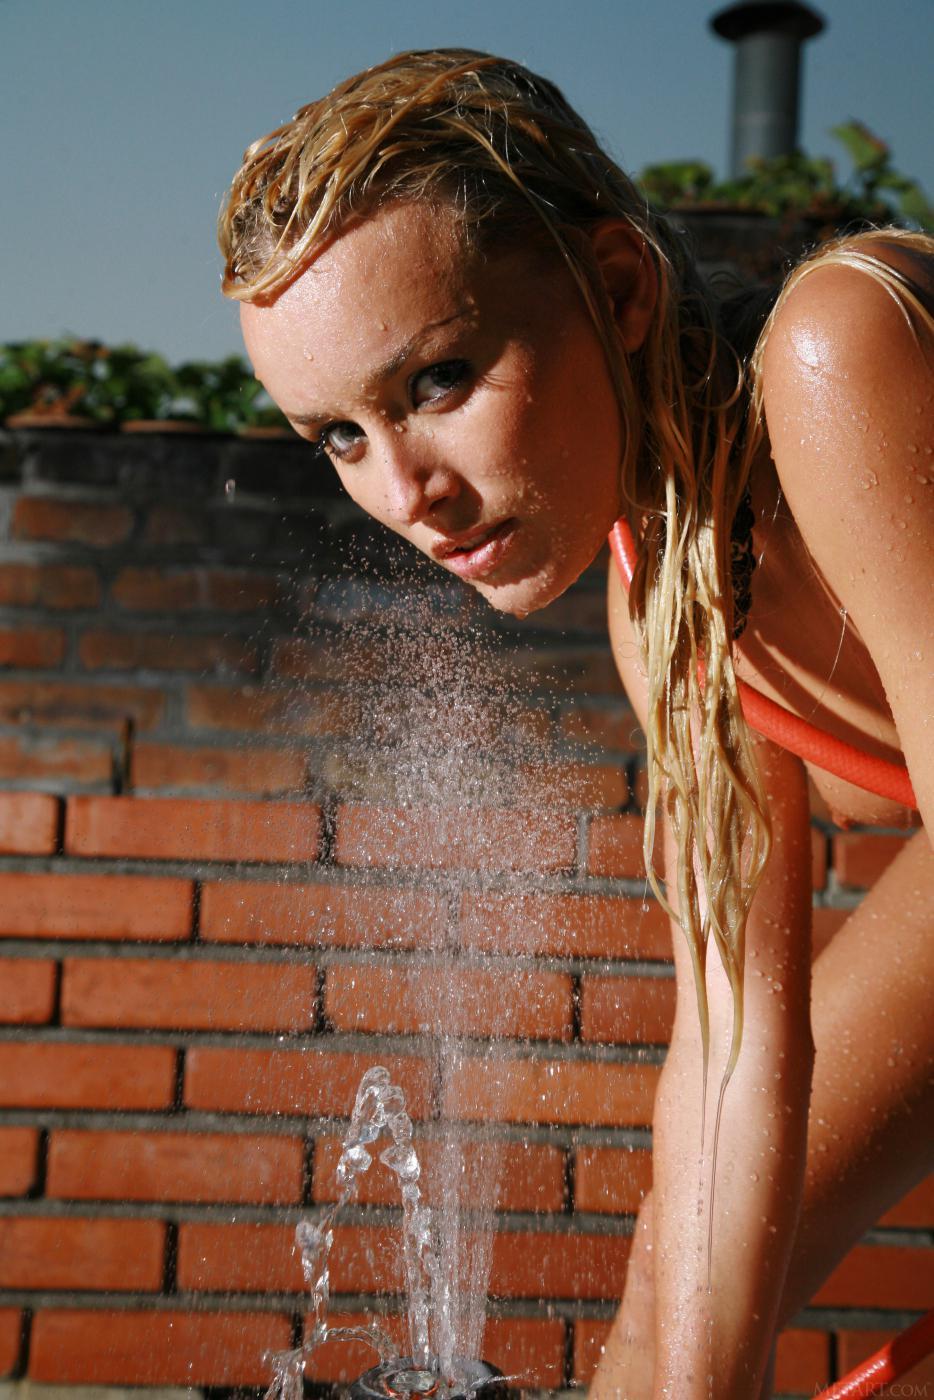 Нереально страстная светловолосая девушка Liza B вся покрыта водой и сверкает в лесу